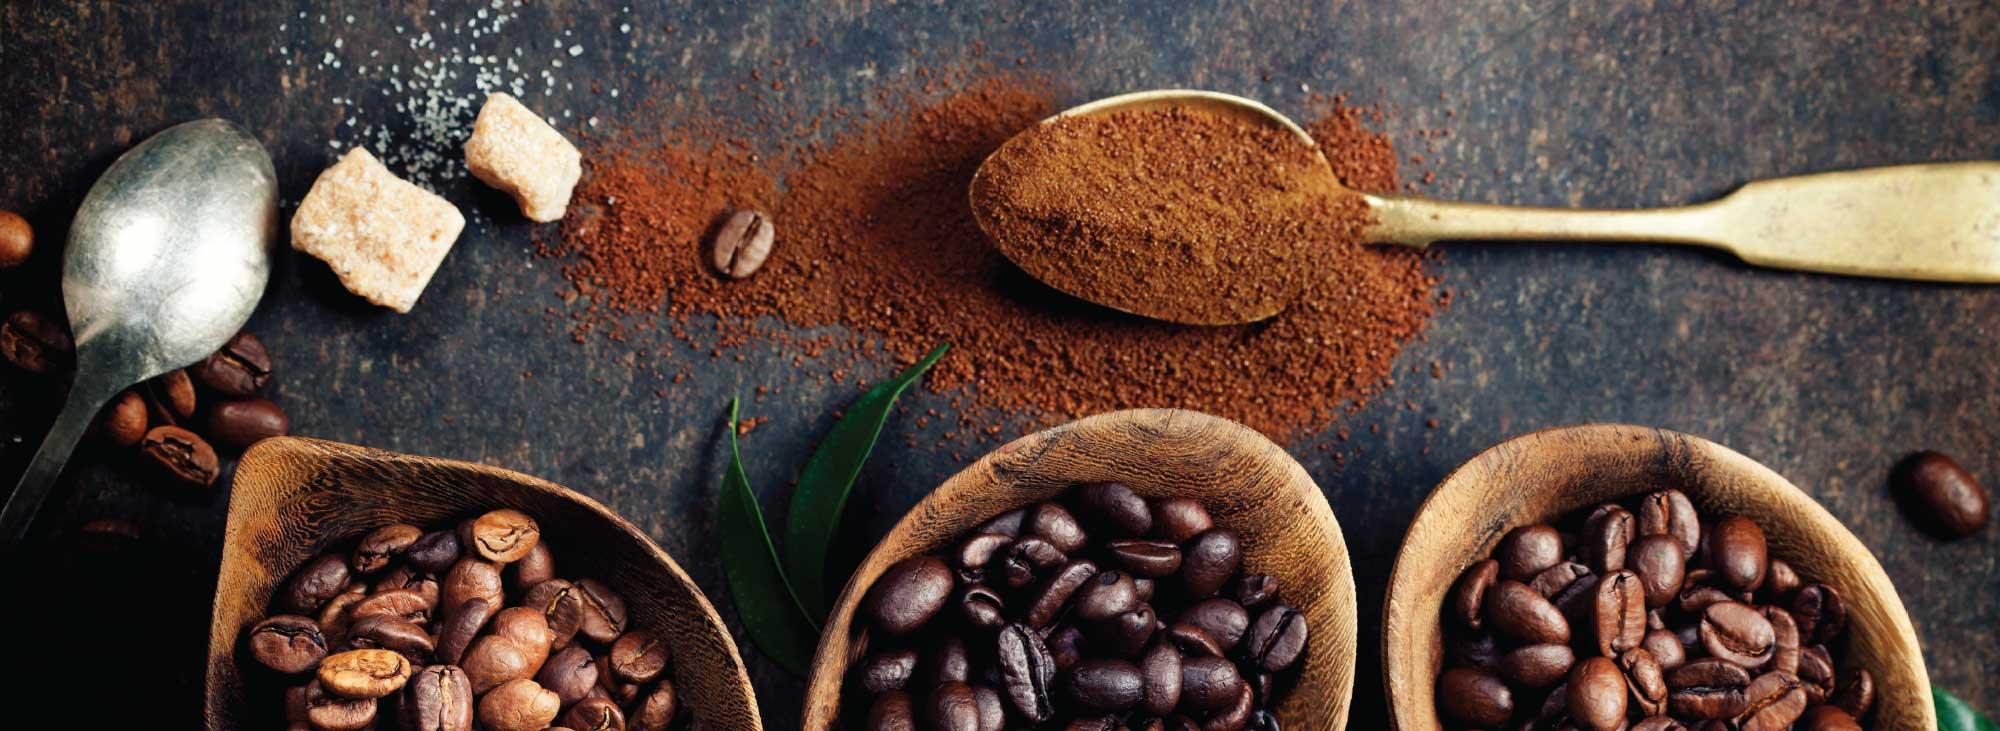 coffee Coffee Machines